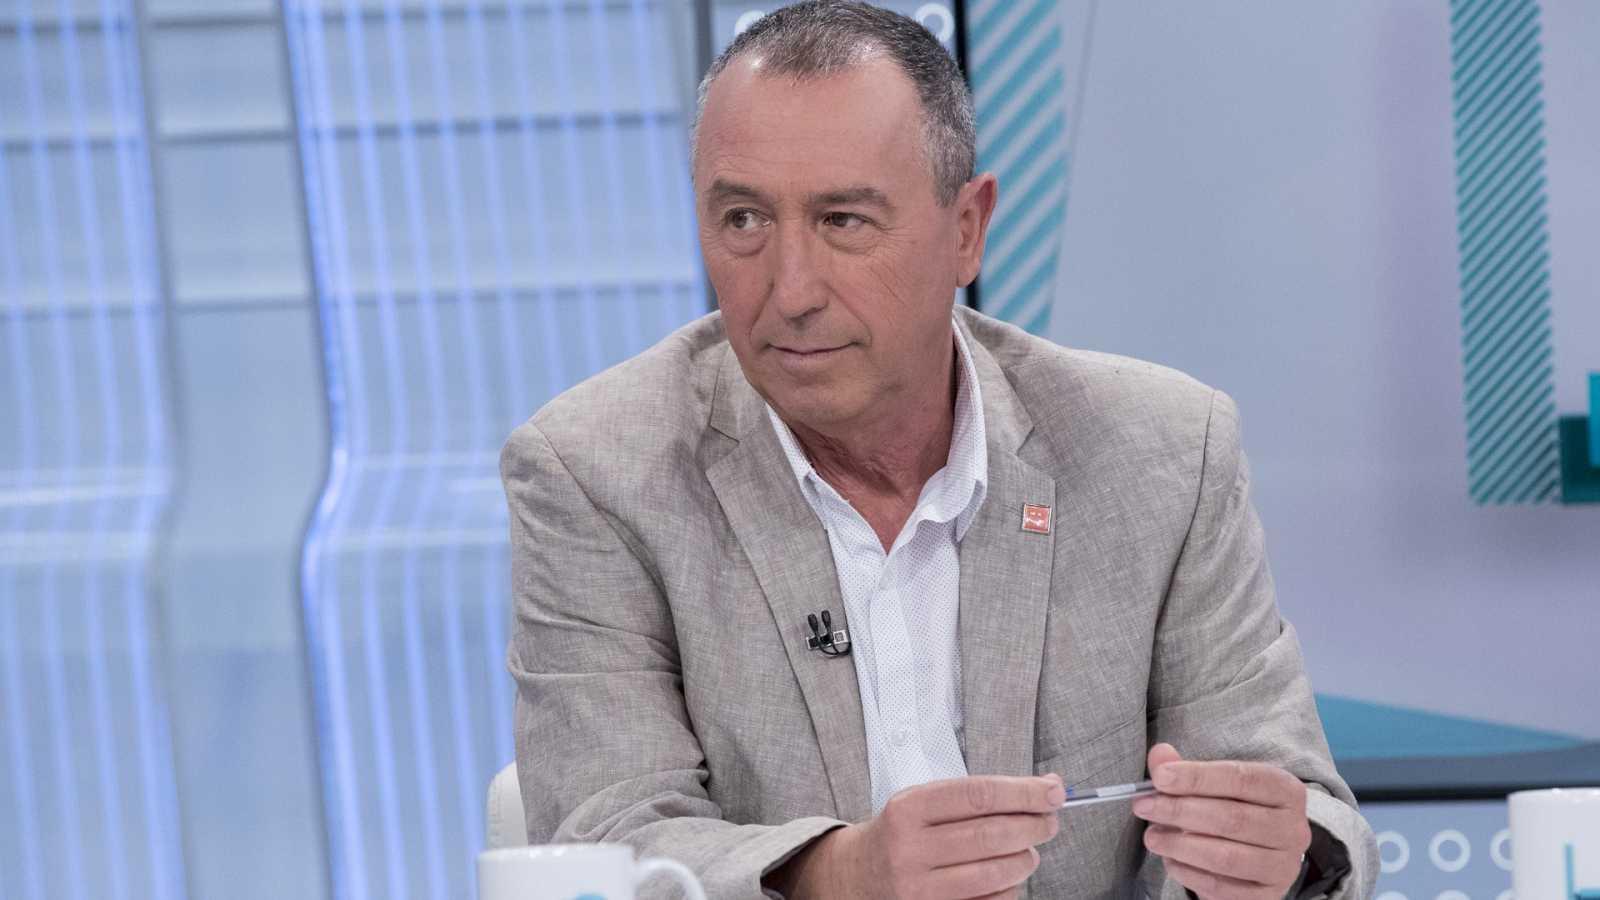 Baldoví descarta formar parte de un gobierno de coalición de PSOE y UP y propone a Errejón o Carmena como independientes